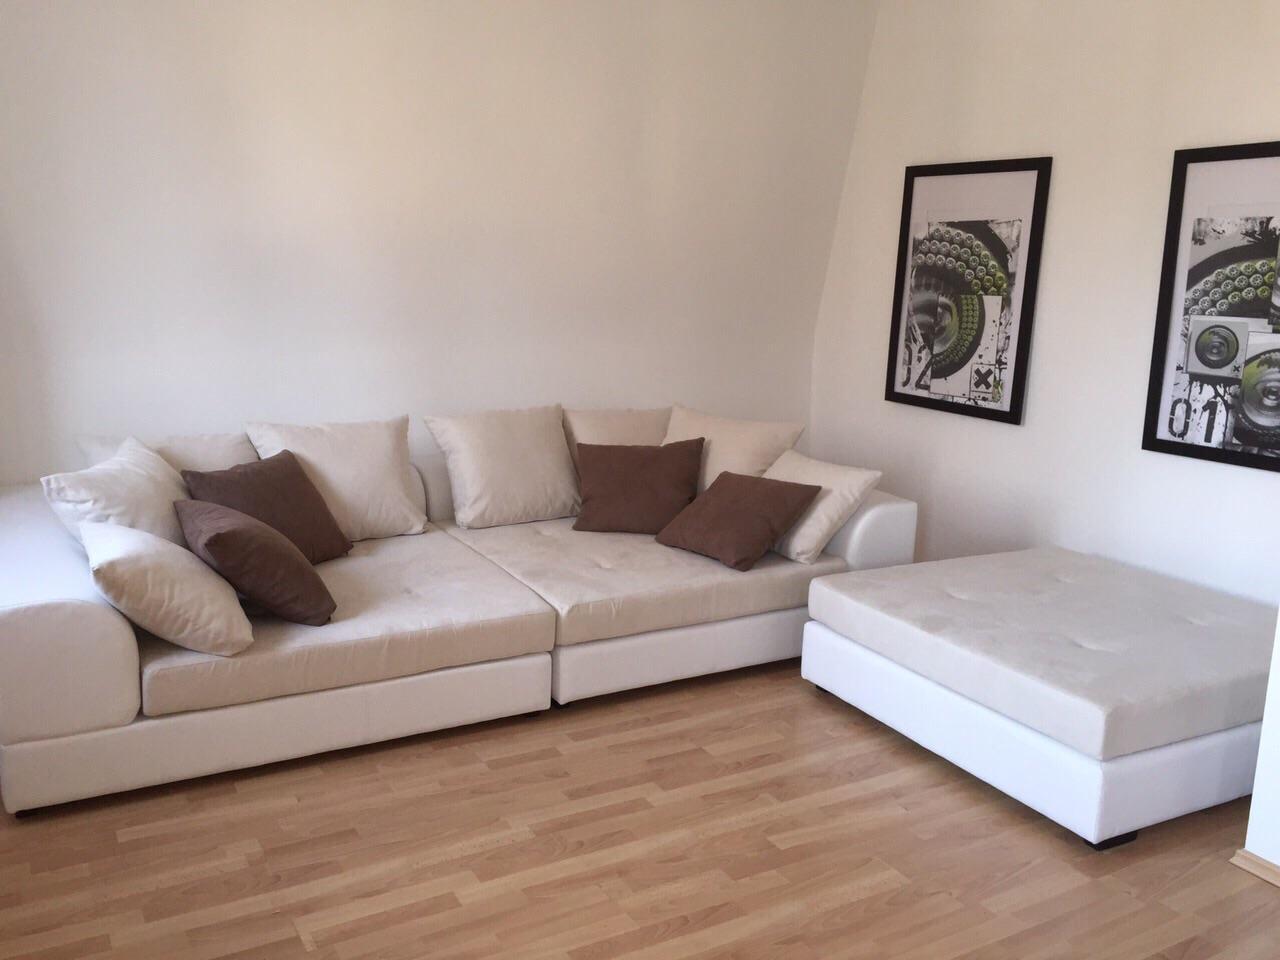 Full Size of Arundel Leather Sofa Bed Rund Klein Rundecke Runde Form Rundy Oval Chesterfield Couch Qualitt Arten Groß 2 Sitzer Ebay Günstig Kaufen 3er 3 Teilig Sofa Sofa Rund